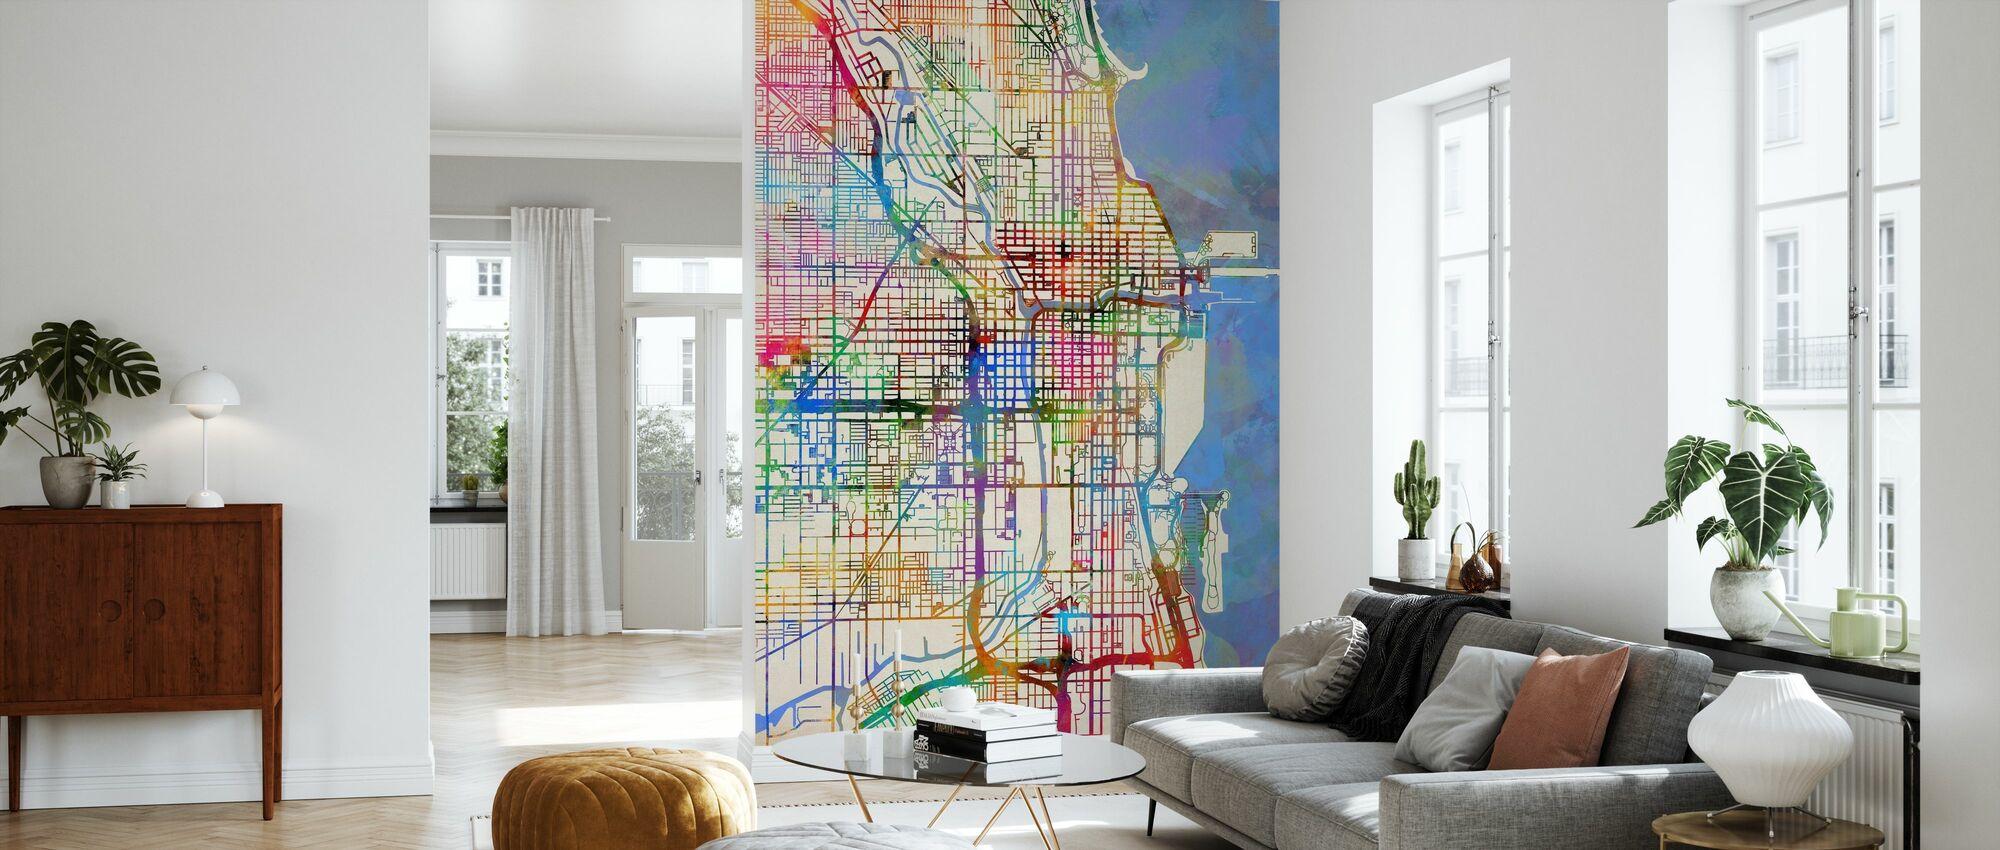 Chicago City Street Kort - Tapet - Stue